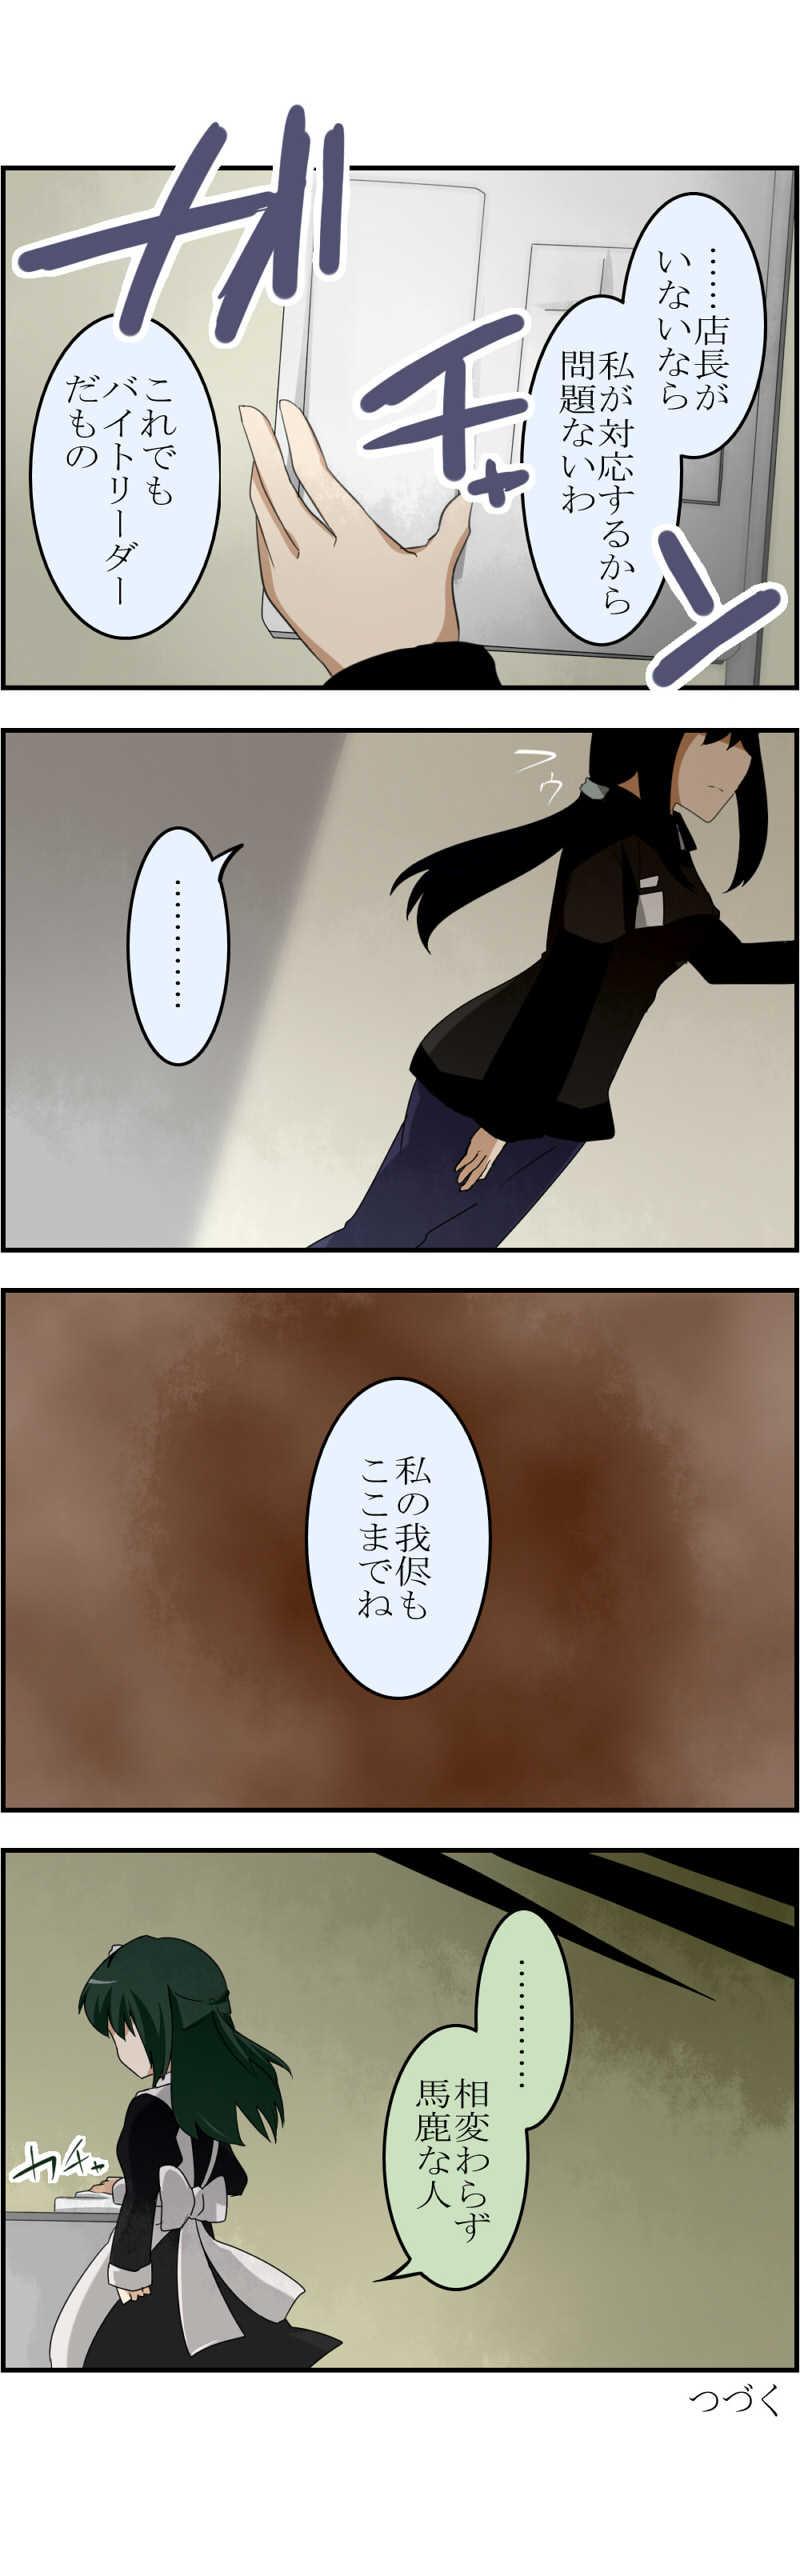 第32話「ハートフルフレンズ②」